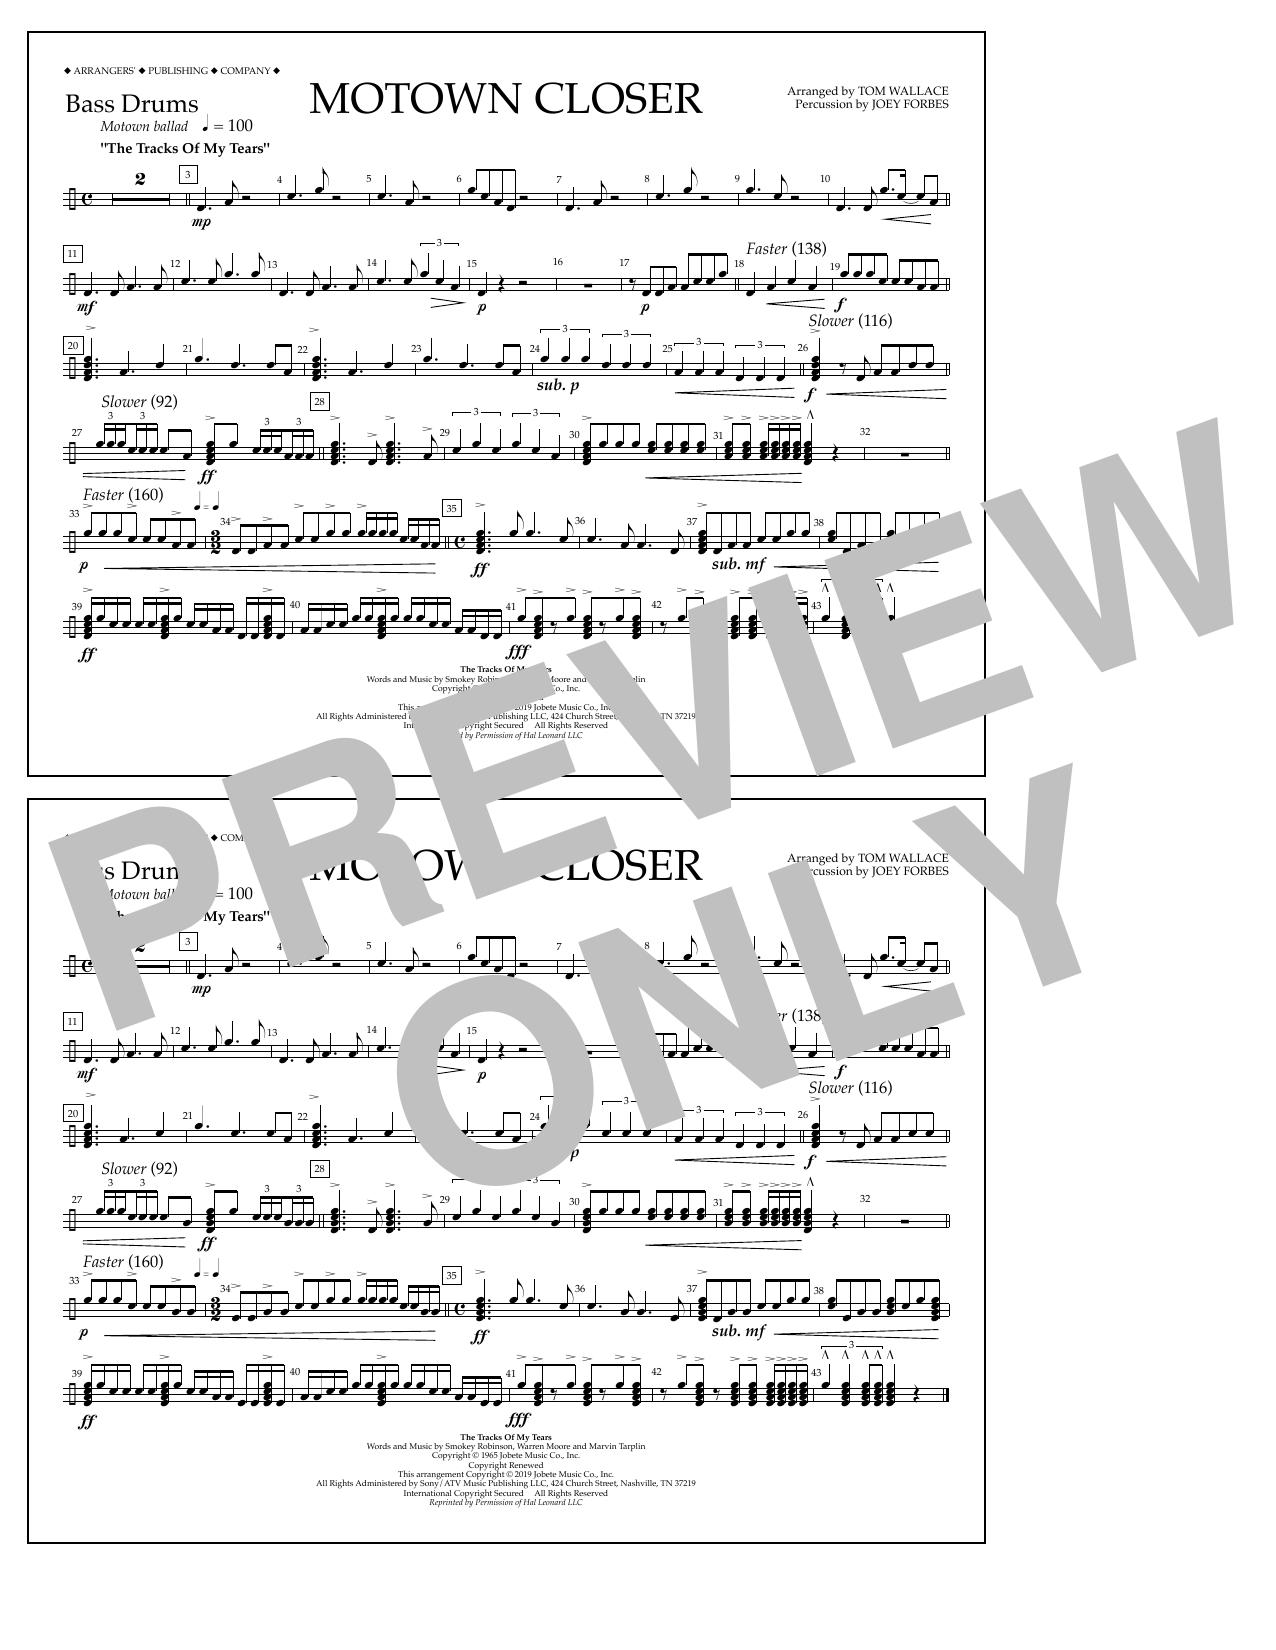 Motown Closer (arr. Tom Wallace) - Bass Drums